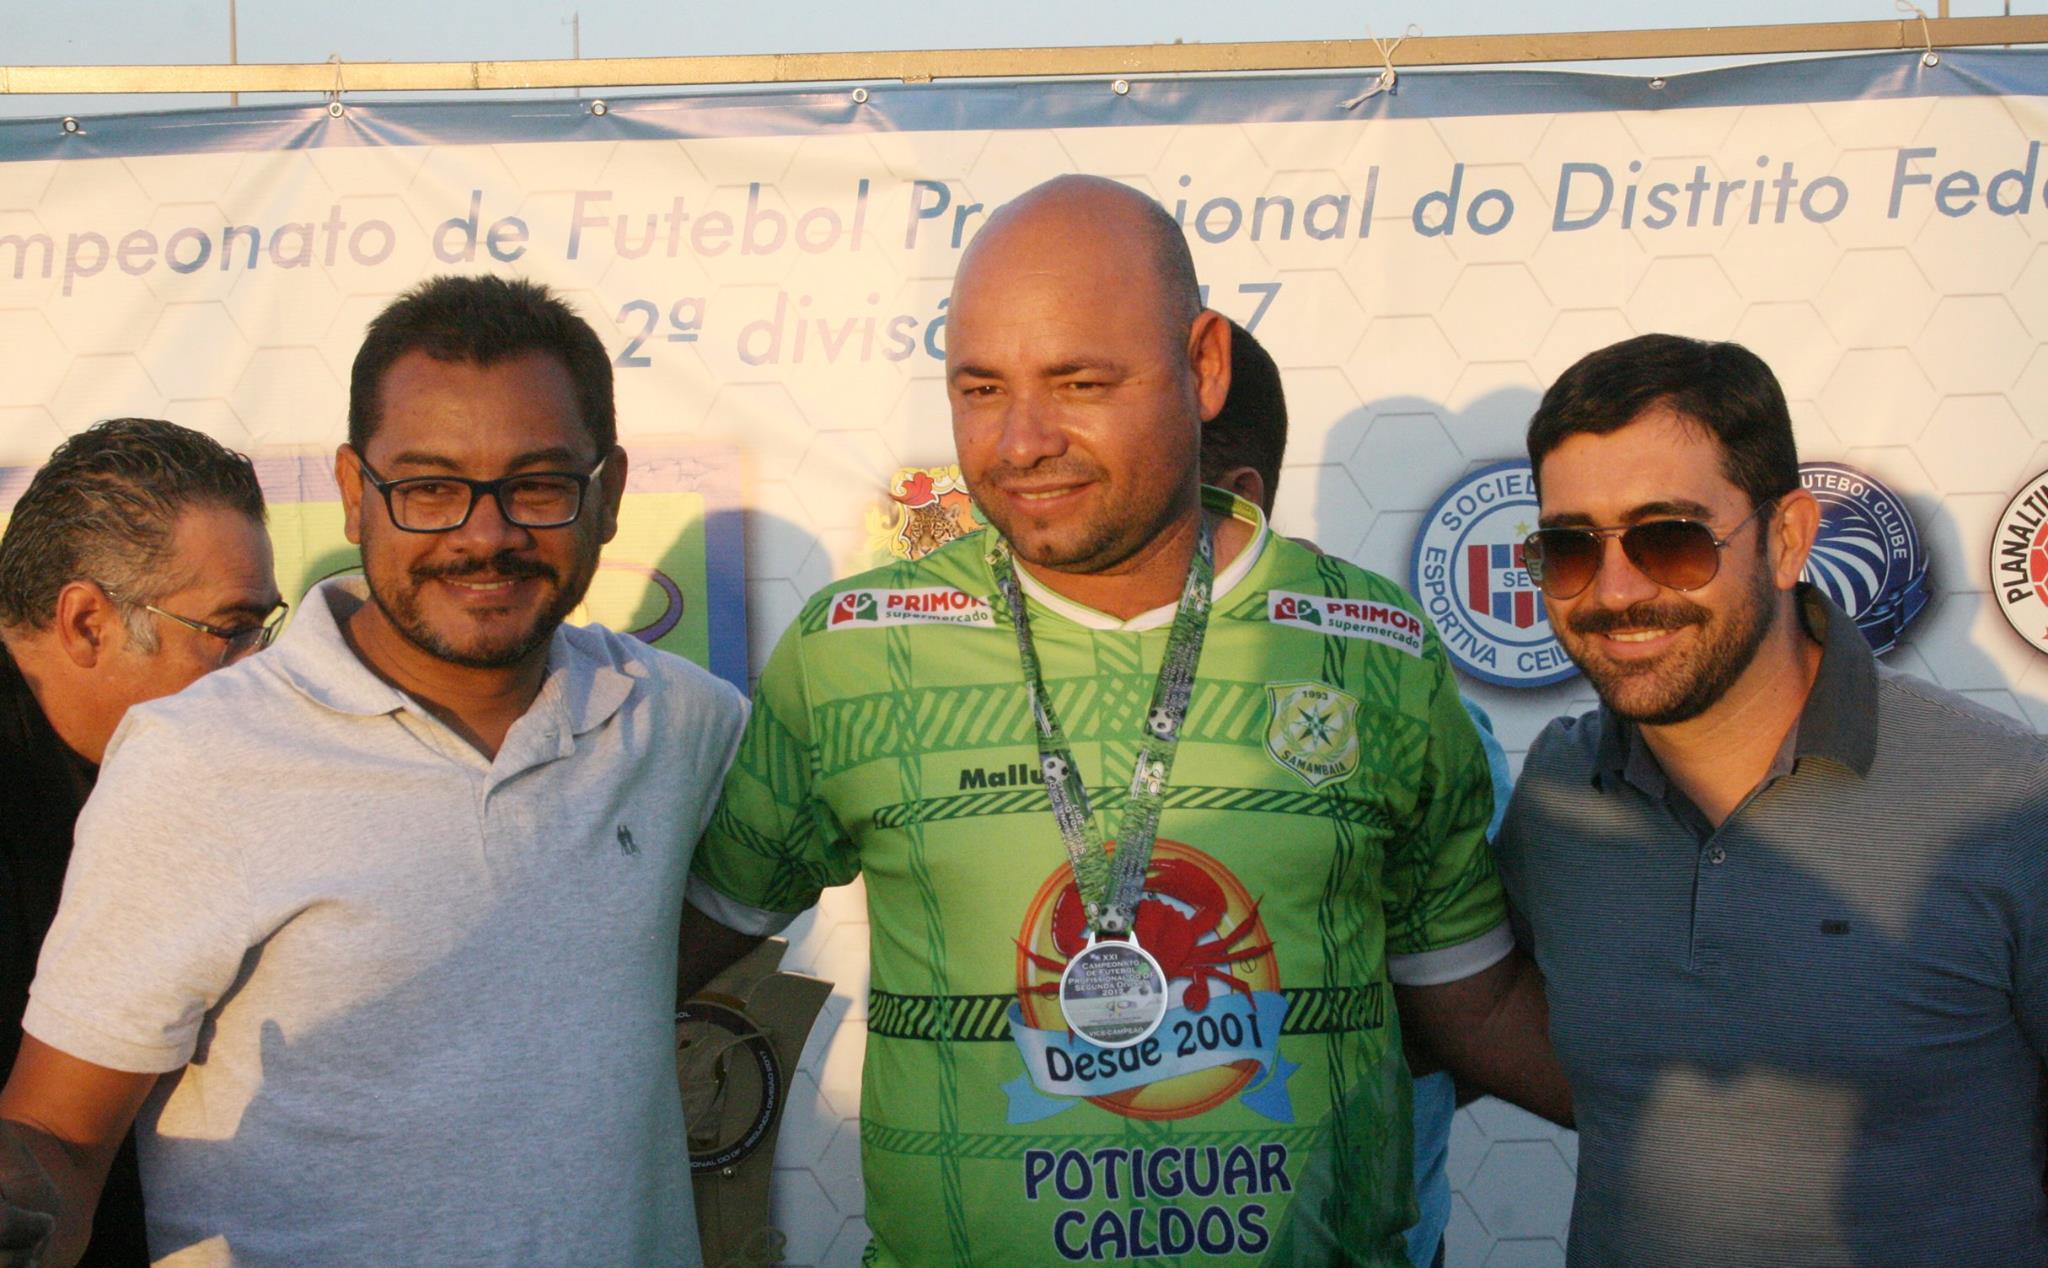 """Erivaldo Alves (E): """"sou da opinião de que o ideal seja de 10 equipes no nosso campeonato candango"""" - Foto: Marco Antônio Tchefy/Divulgação"""